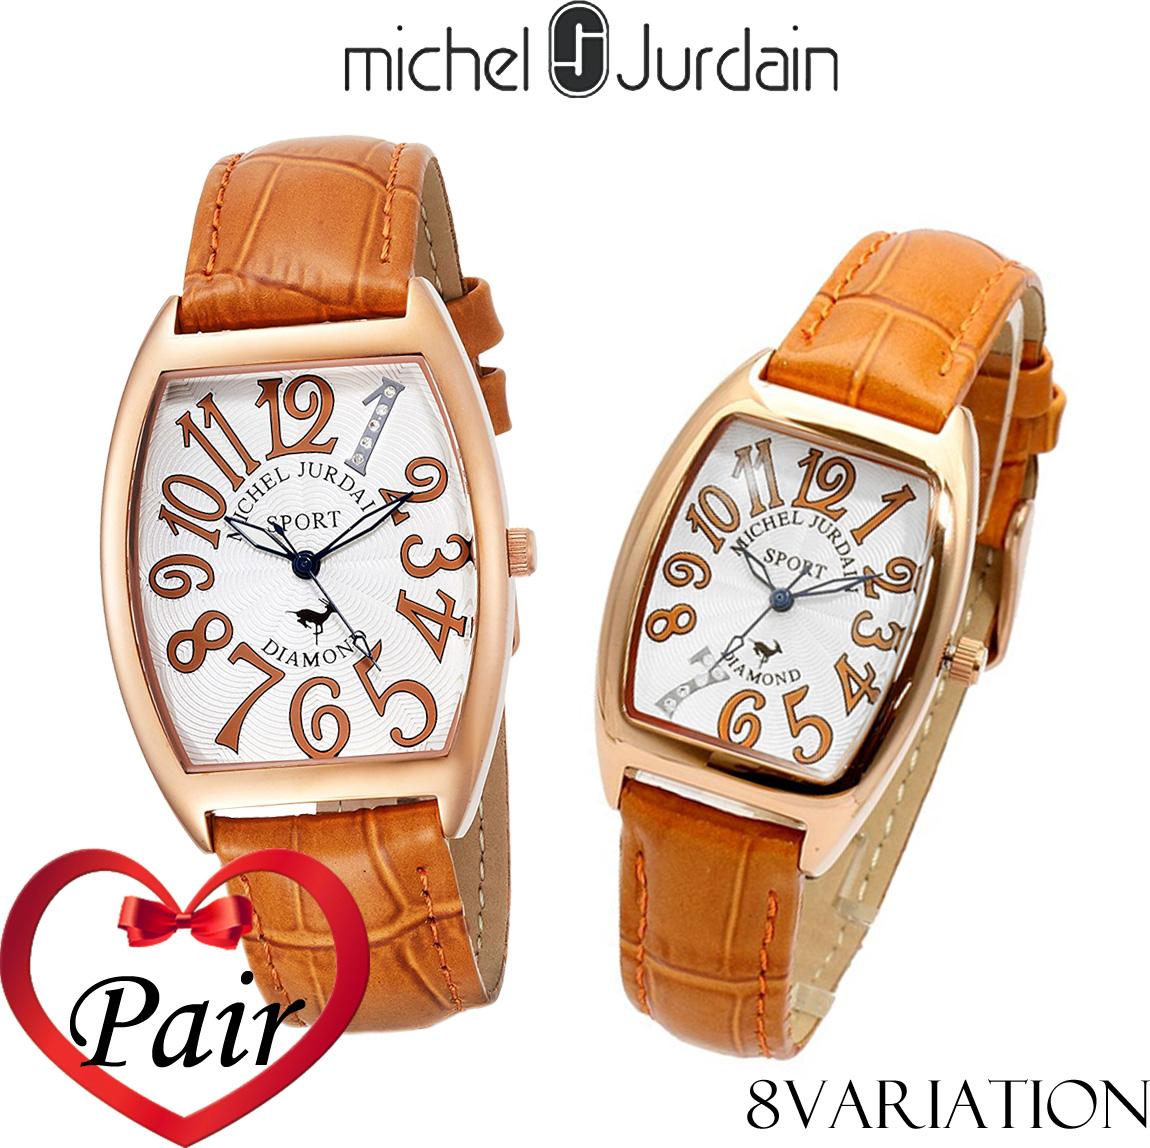 【全品送料無料】 【ペアウォッチ】ミッシェルジョルダン MICHEL JURDAIN SPORTダイヤモンド SG/SL1100 メンズ レディース 腕時計 ペア